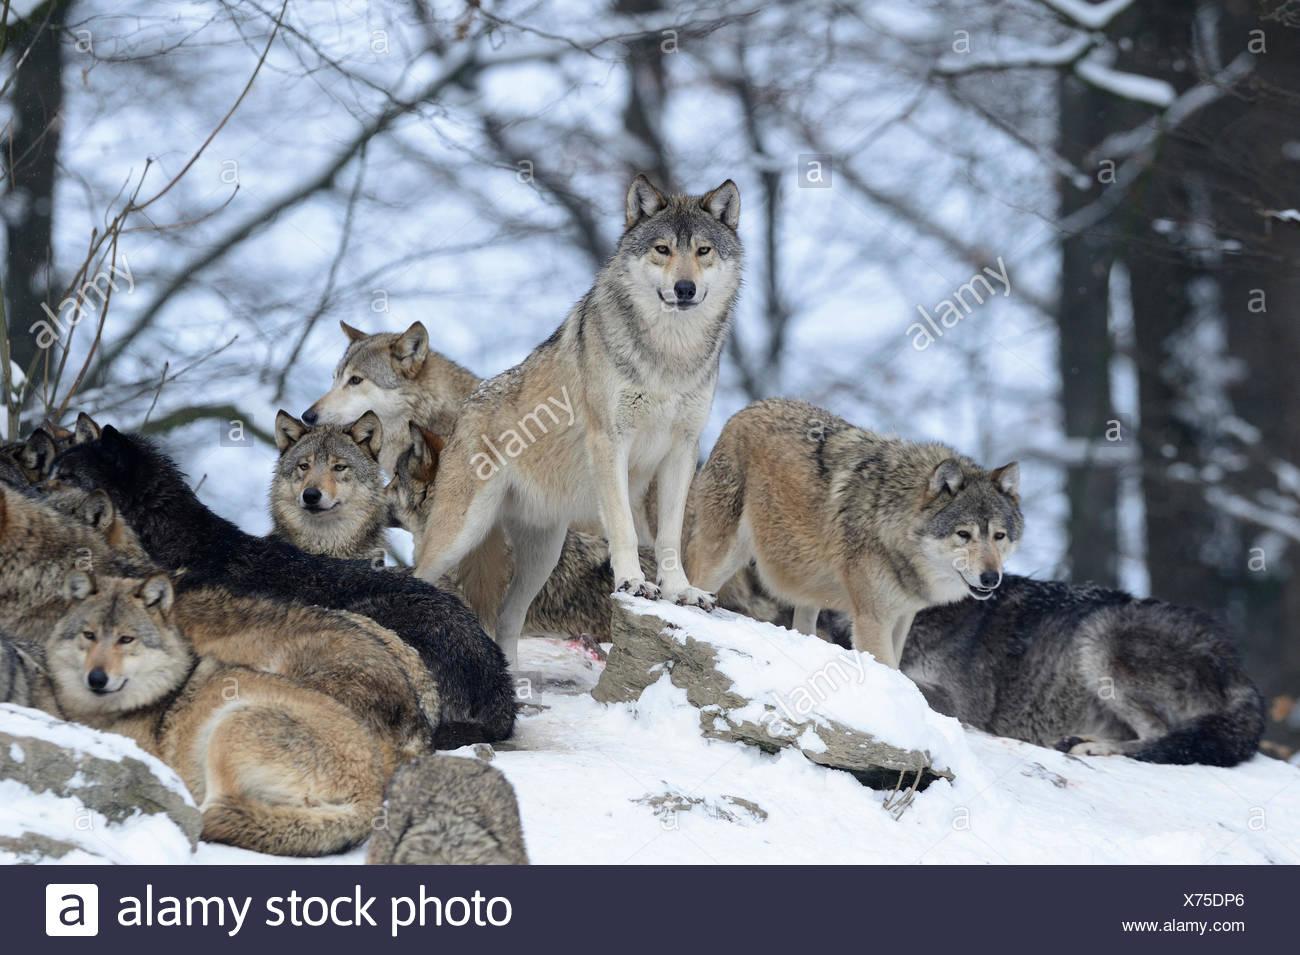 Le loup, animal, prédateur, les loups, les prédateurs, le loup gris, les canidés, Canis lupus lycaon, Allemagne, Europe, Photo Stock